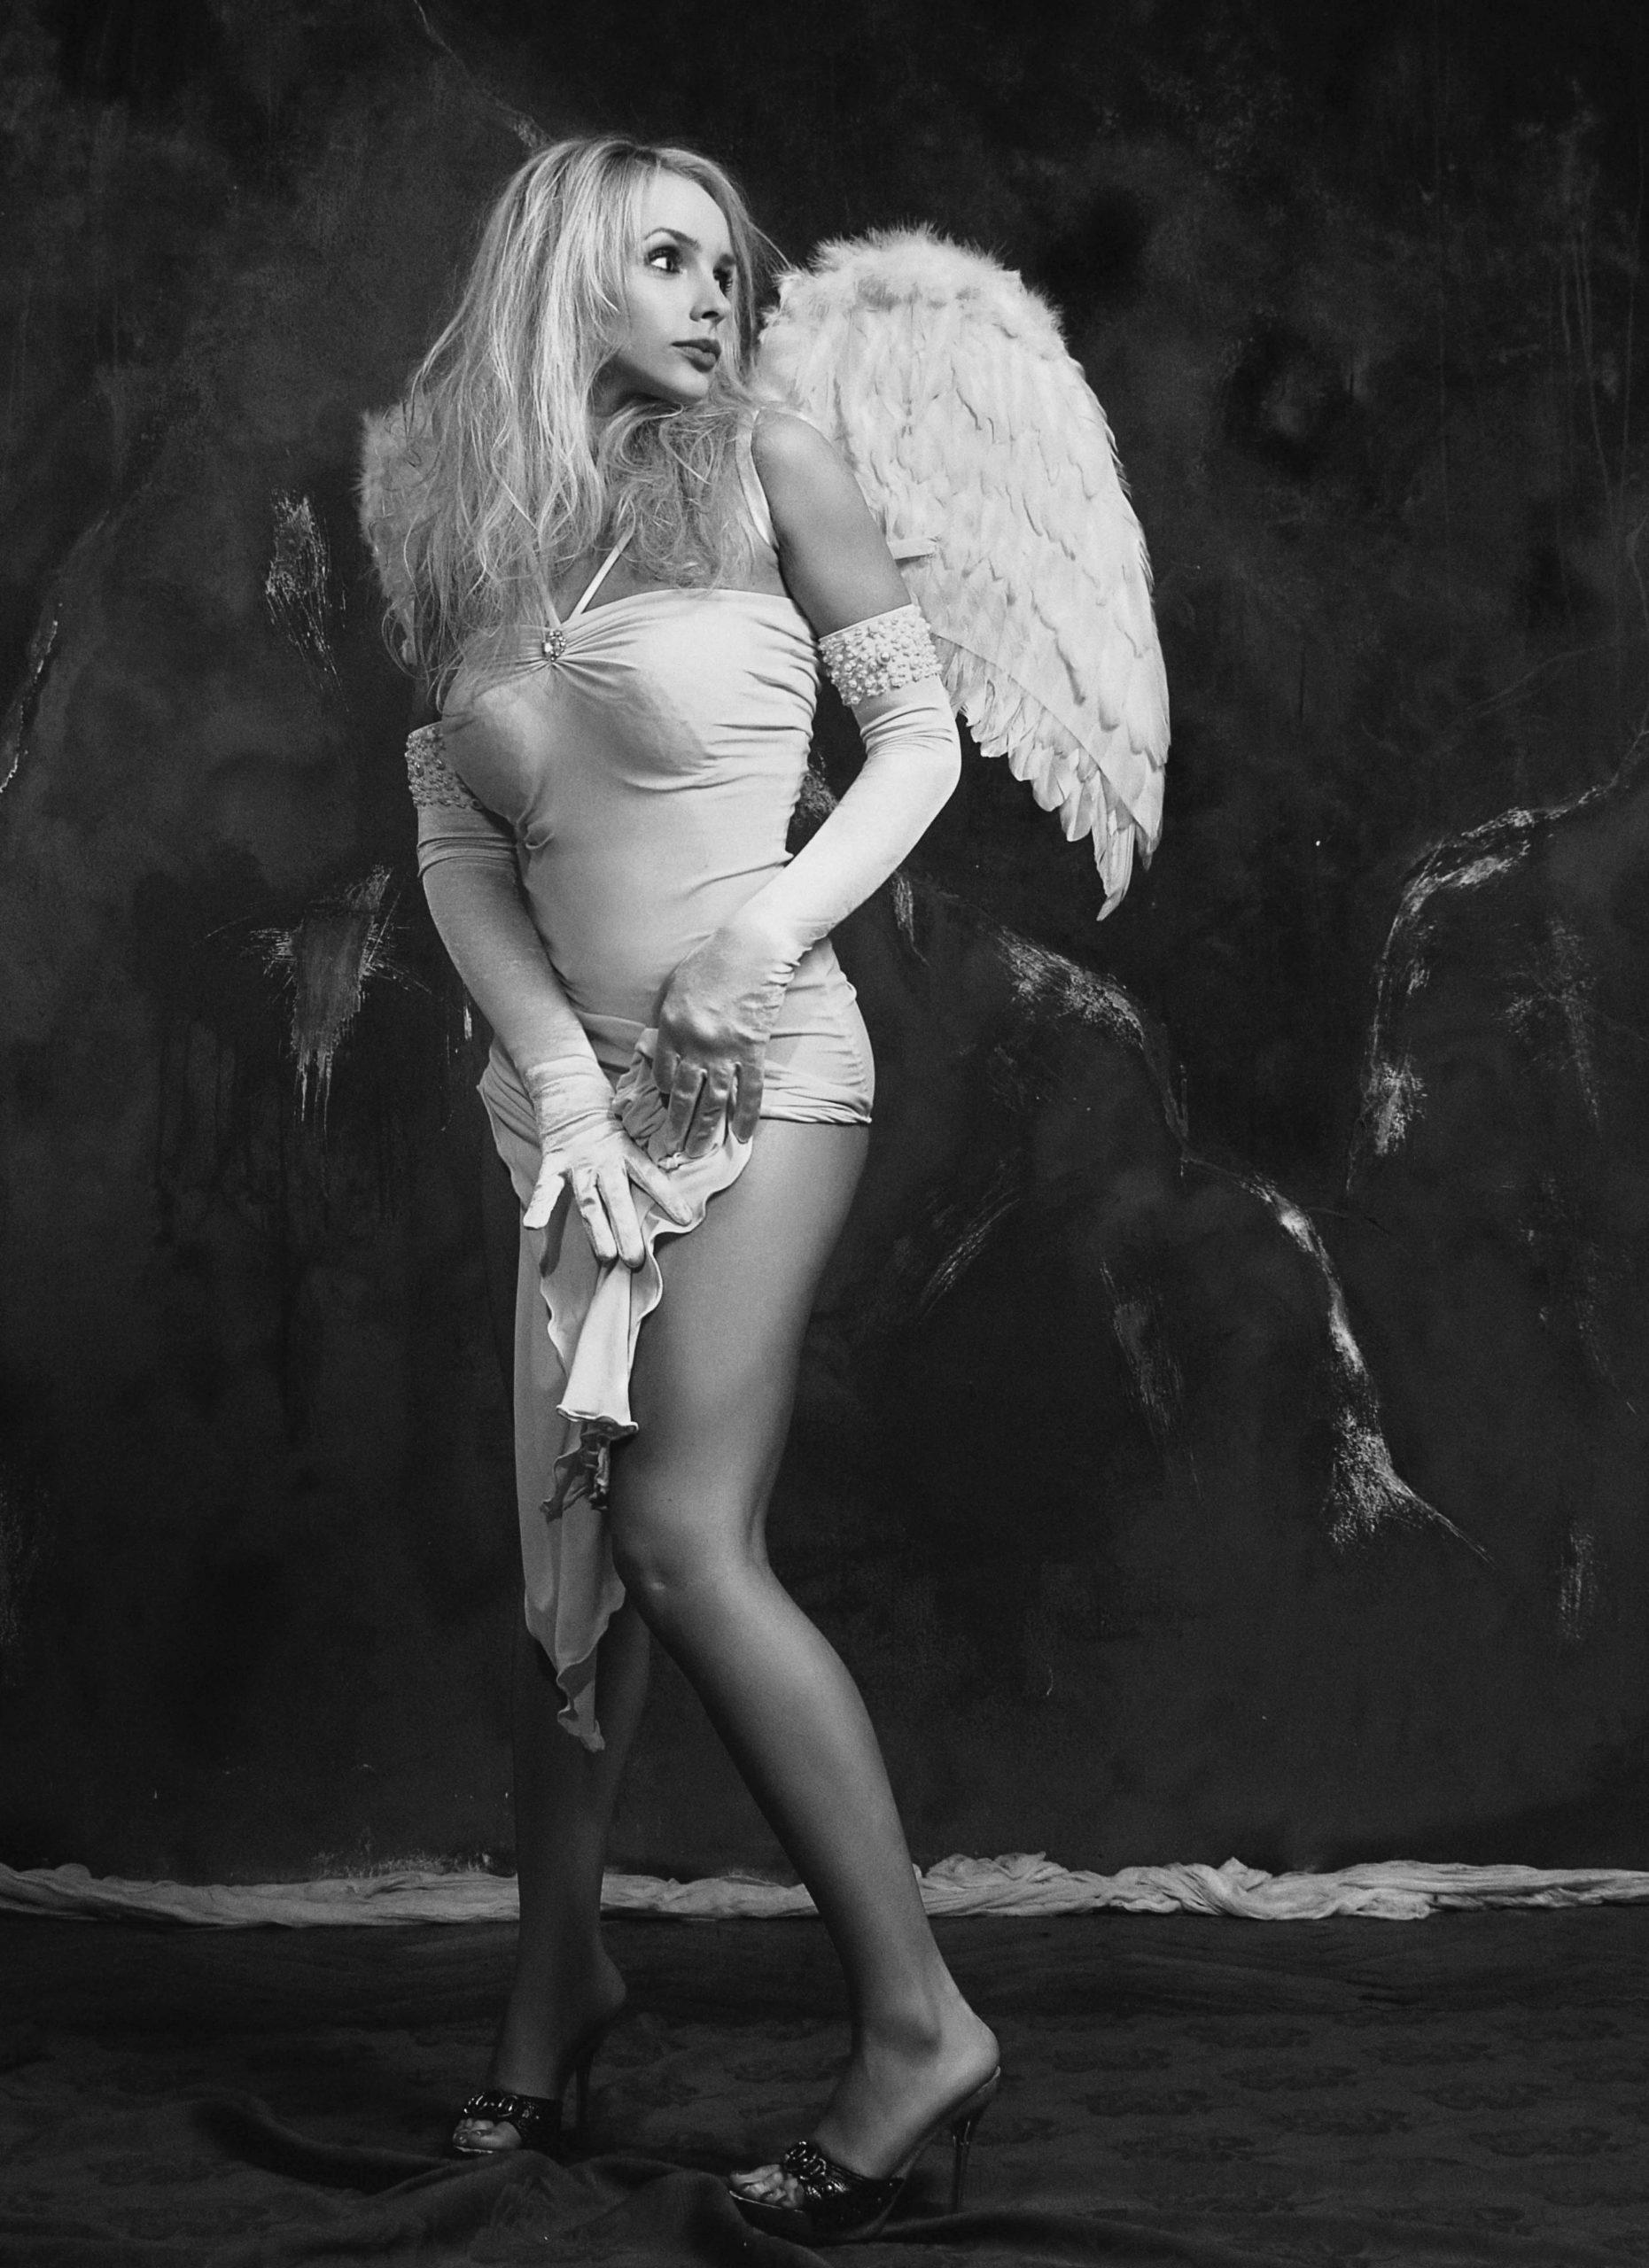 Sexy girl like an angel